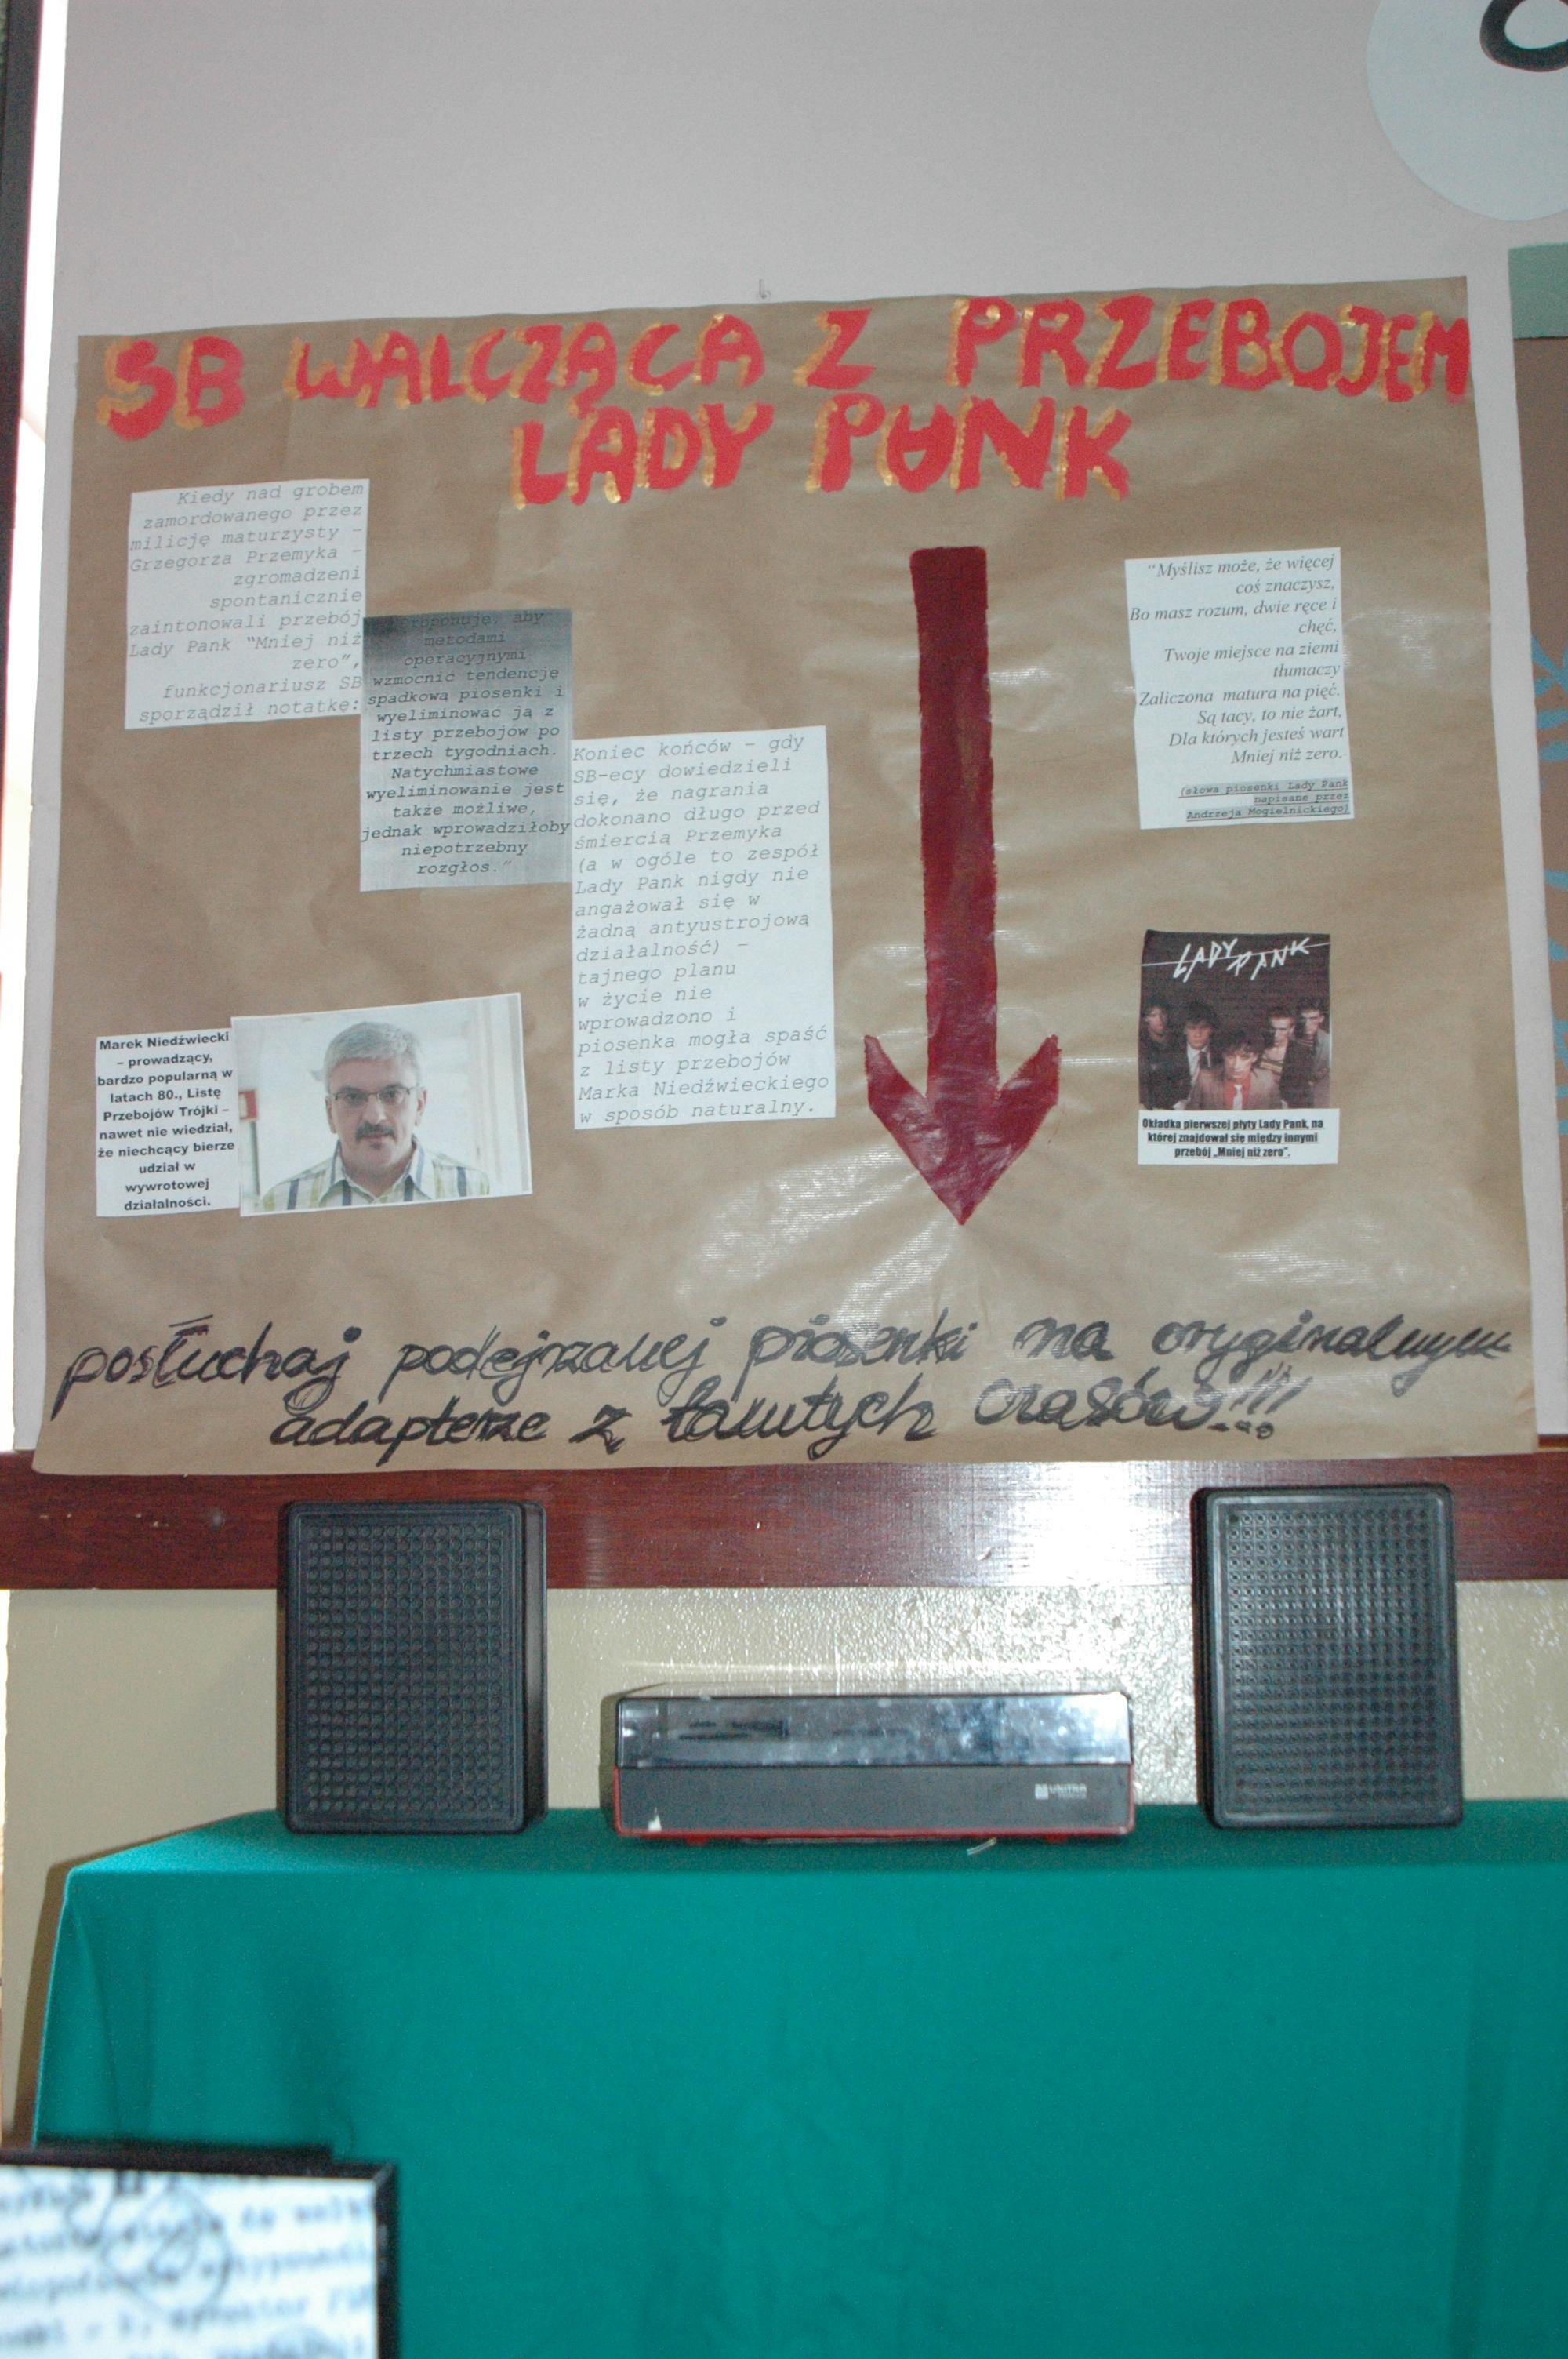 """SB w swojej obsesji zwalczania opozycji potrafiła wpaść w paranoję. W 1983 roku planowała doprowadzić do cichego usunięcia z radiowej Listy Przebojów """"Mniej niż zero"""" - piosenki (bynajmniej nie antykomunistycznego) zespołu Lady Pank, ponieważ spontanicznie zaintonowano ją nad grobem zamordowanego przez milicję Grzegorza Przemyka."""